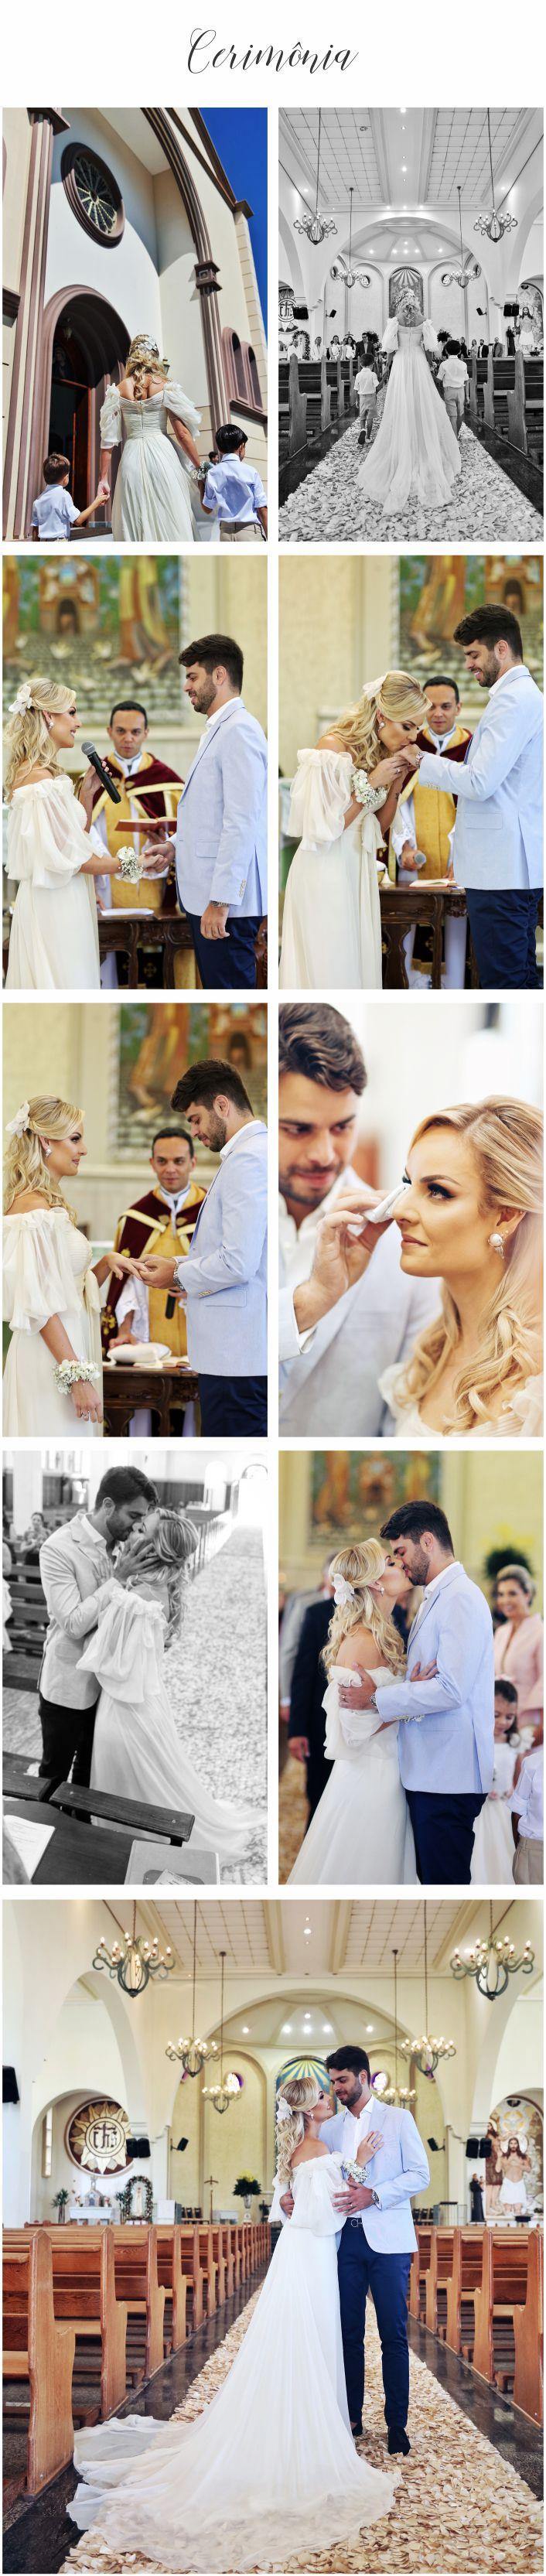 Casamento religioso Layla e William cerimônia